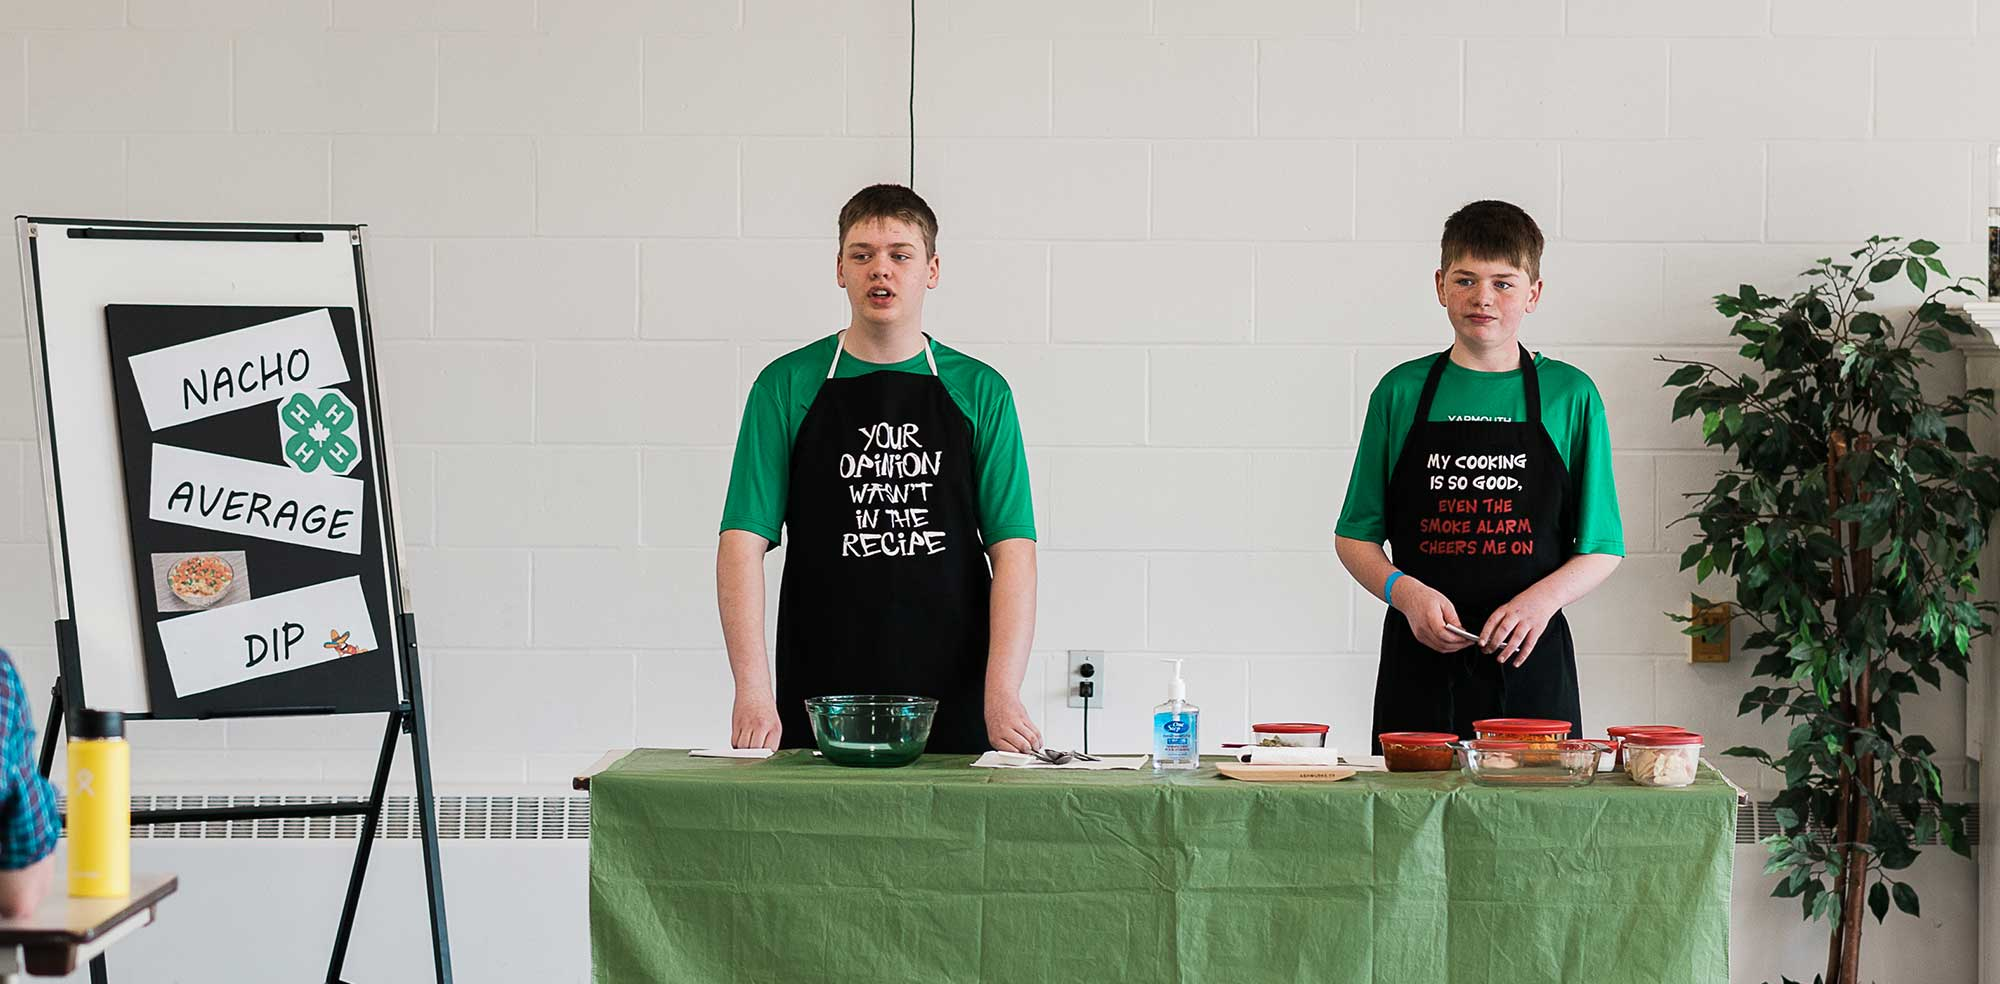 Boys demonstrating nacho recipe